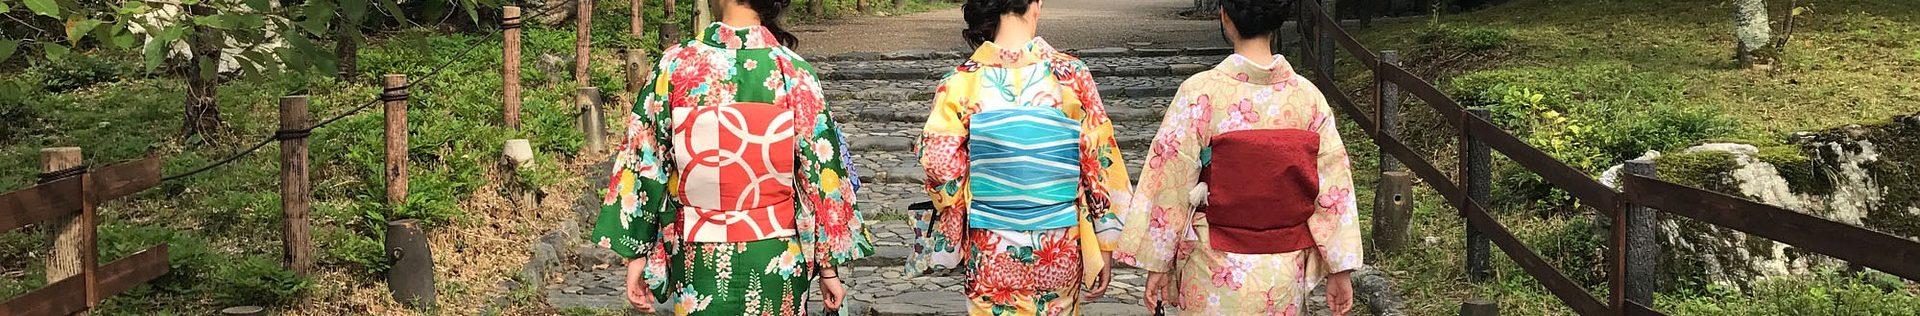 浅草の着物レンタルはリーズナブル!おすすめプランを紹介